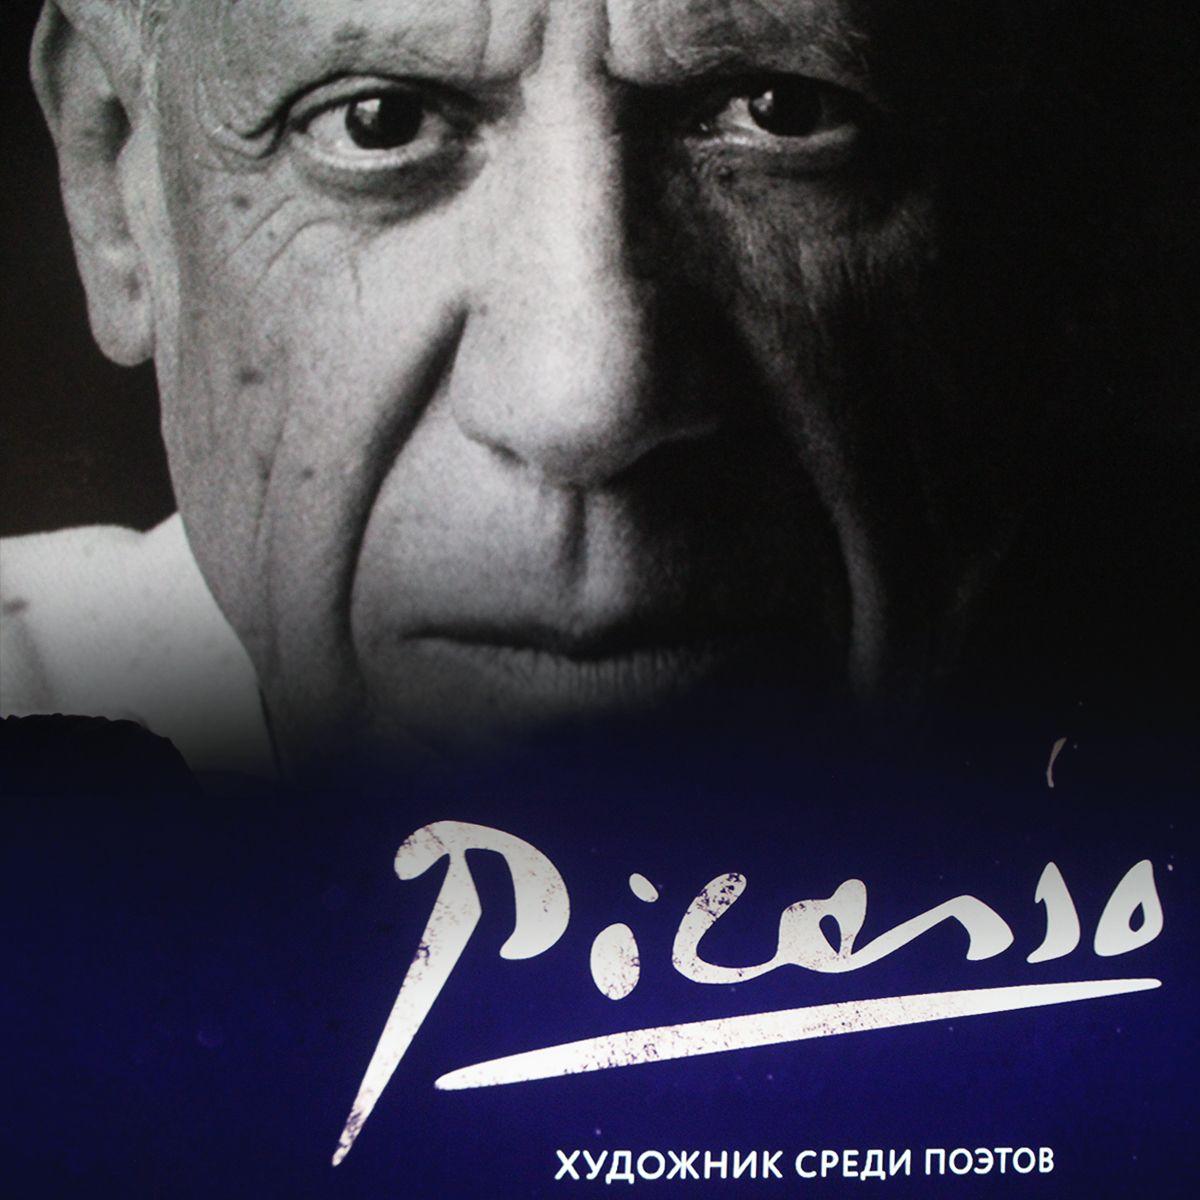 Название выставки «Художник среди поэтов»